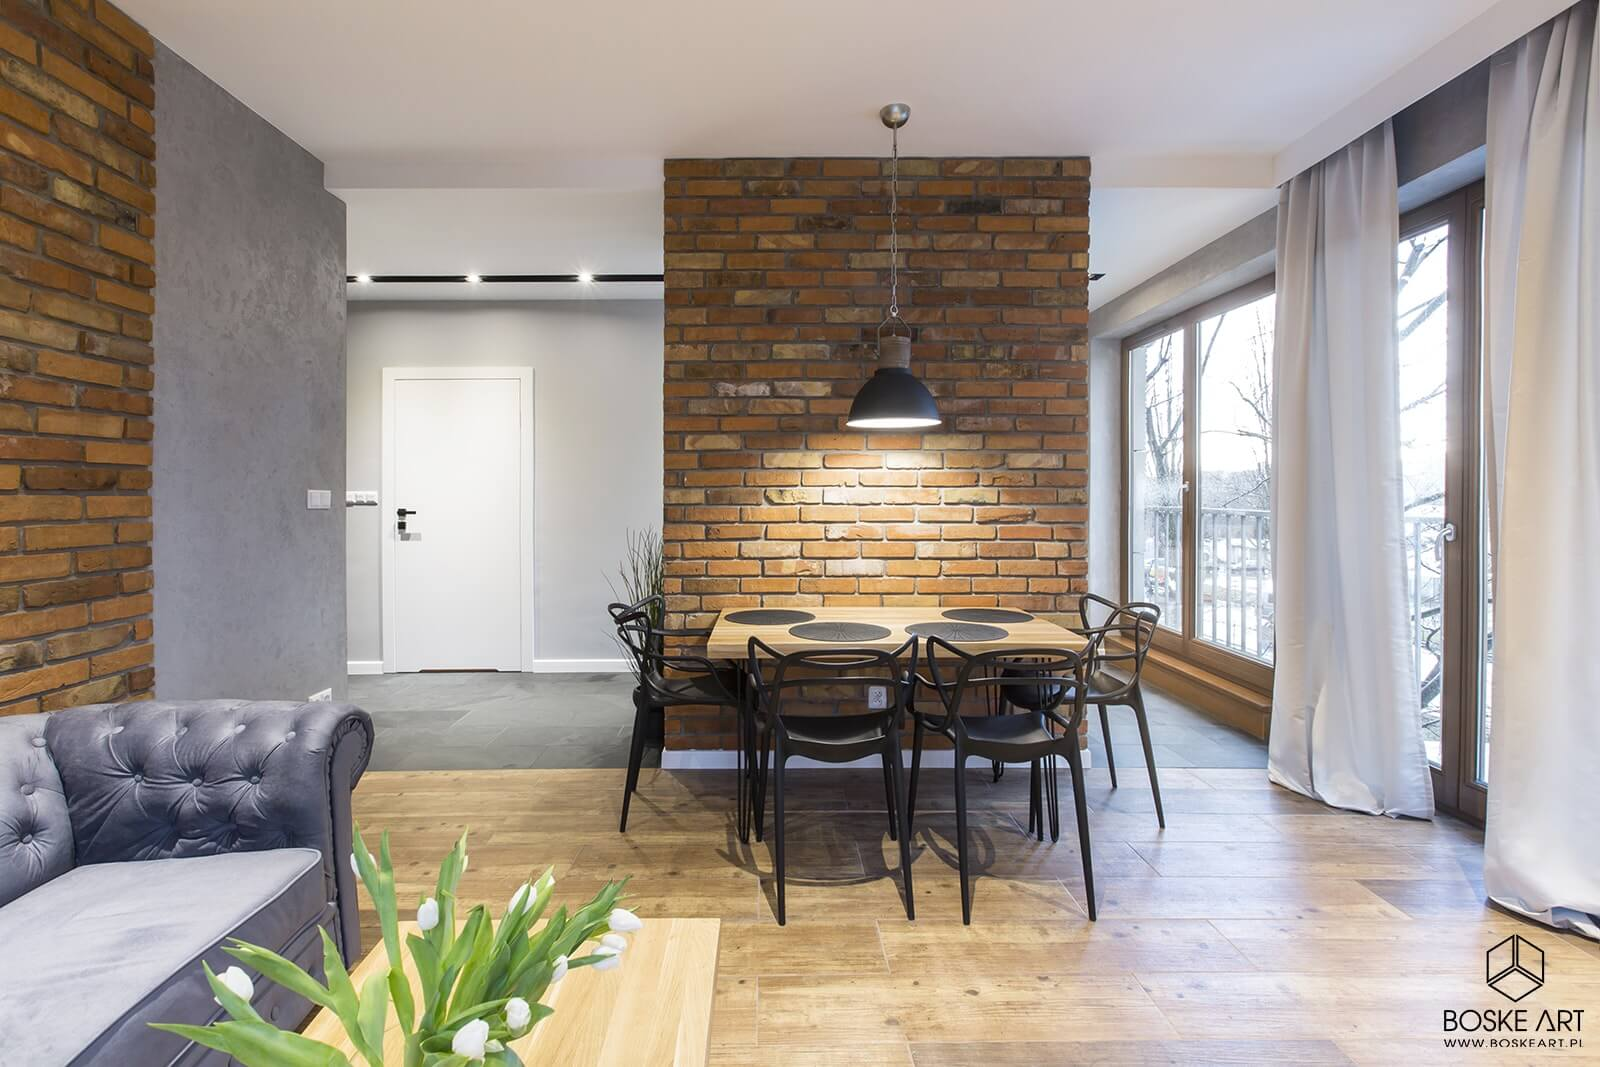 7_apartamenty_na_wynajem_poznan_boske_art_projektowanie_aranzacja_architektura_wnetrz_natalia_robaszkeiwicz-min